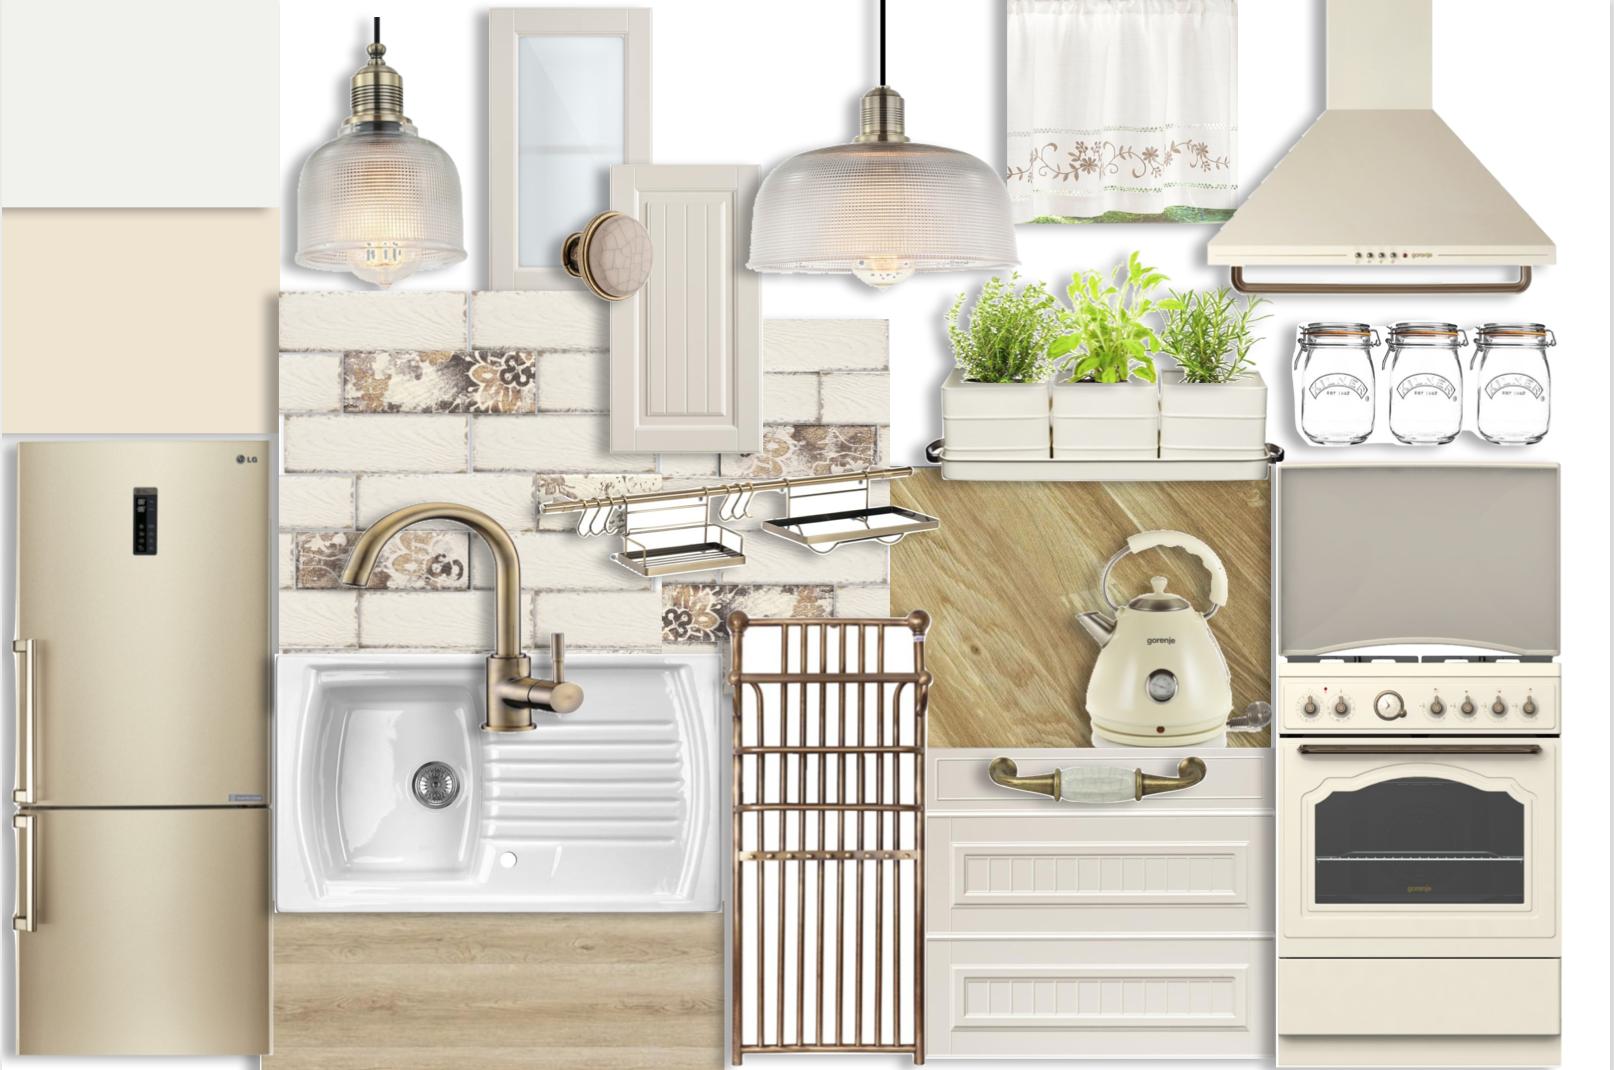 Klasyka i Modern Retro  Kremowe meble doskonale prezentują się przy złotych, beżowych oraz drewnianych dodatkach. Niezwykle delikatna w wykonananiu, złota lodówka to fantastyczna i funkcjonalna ozdoba w kuchni.